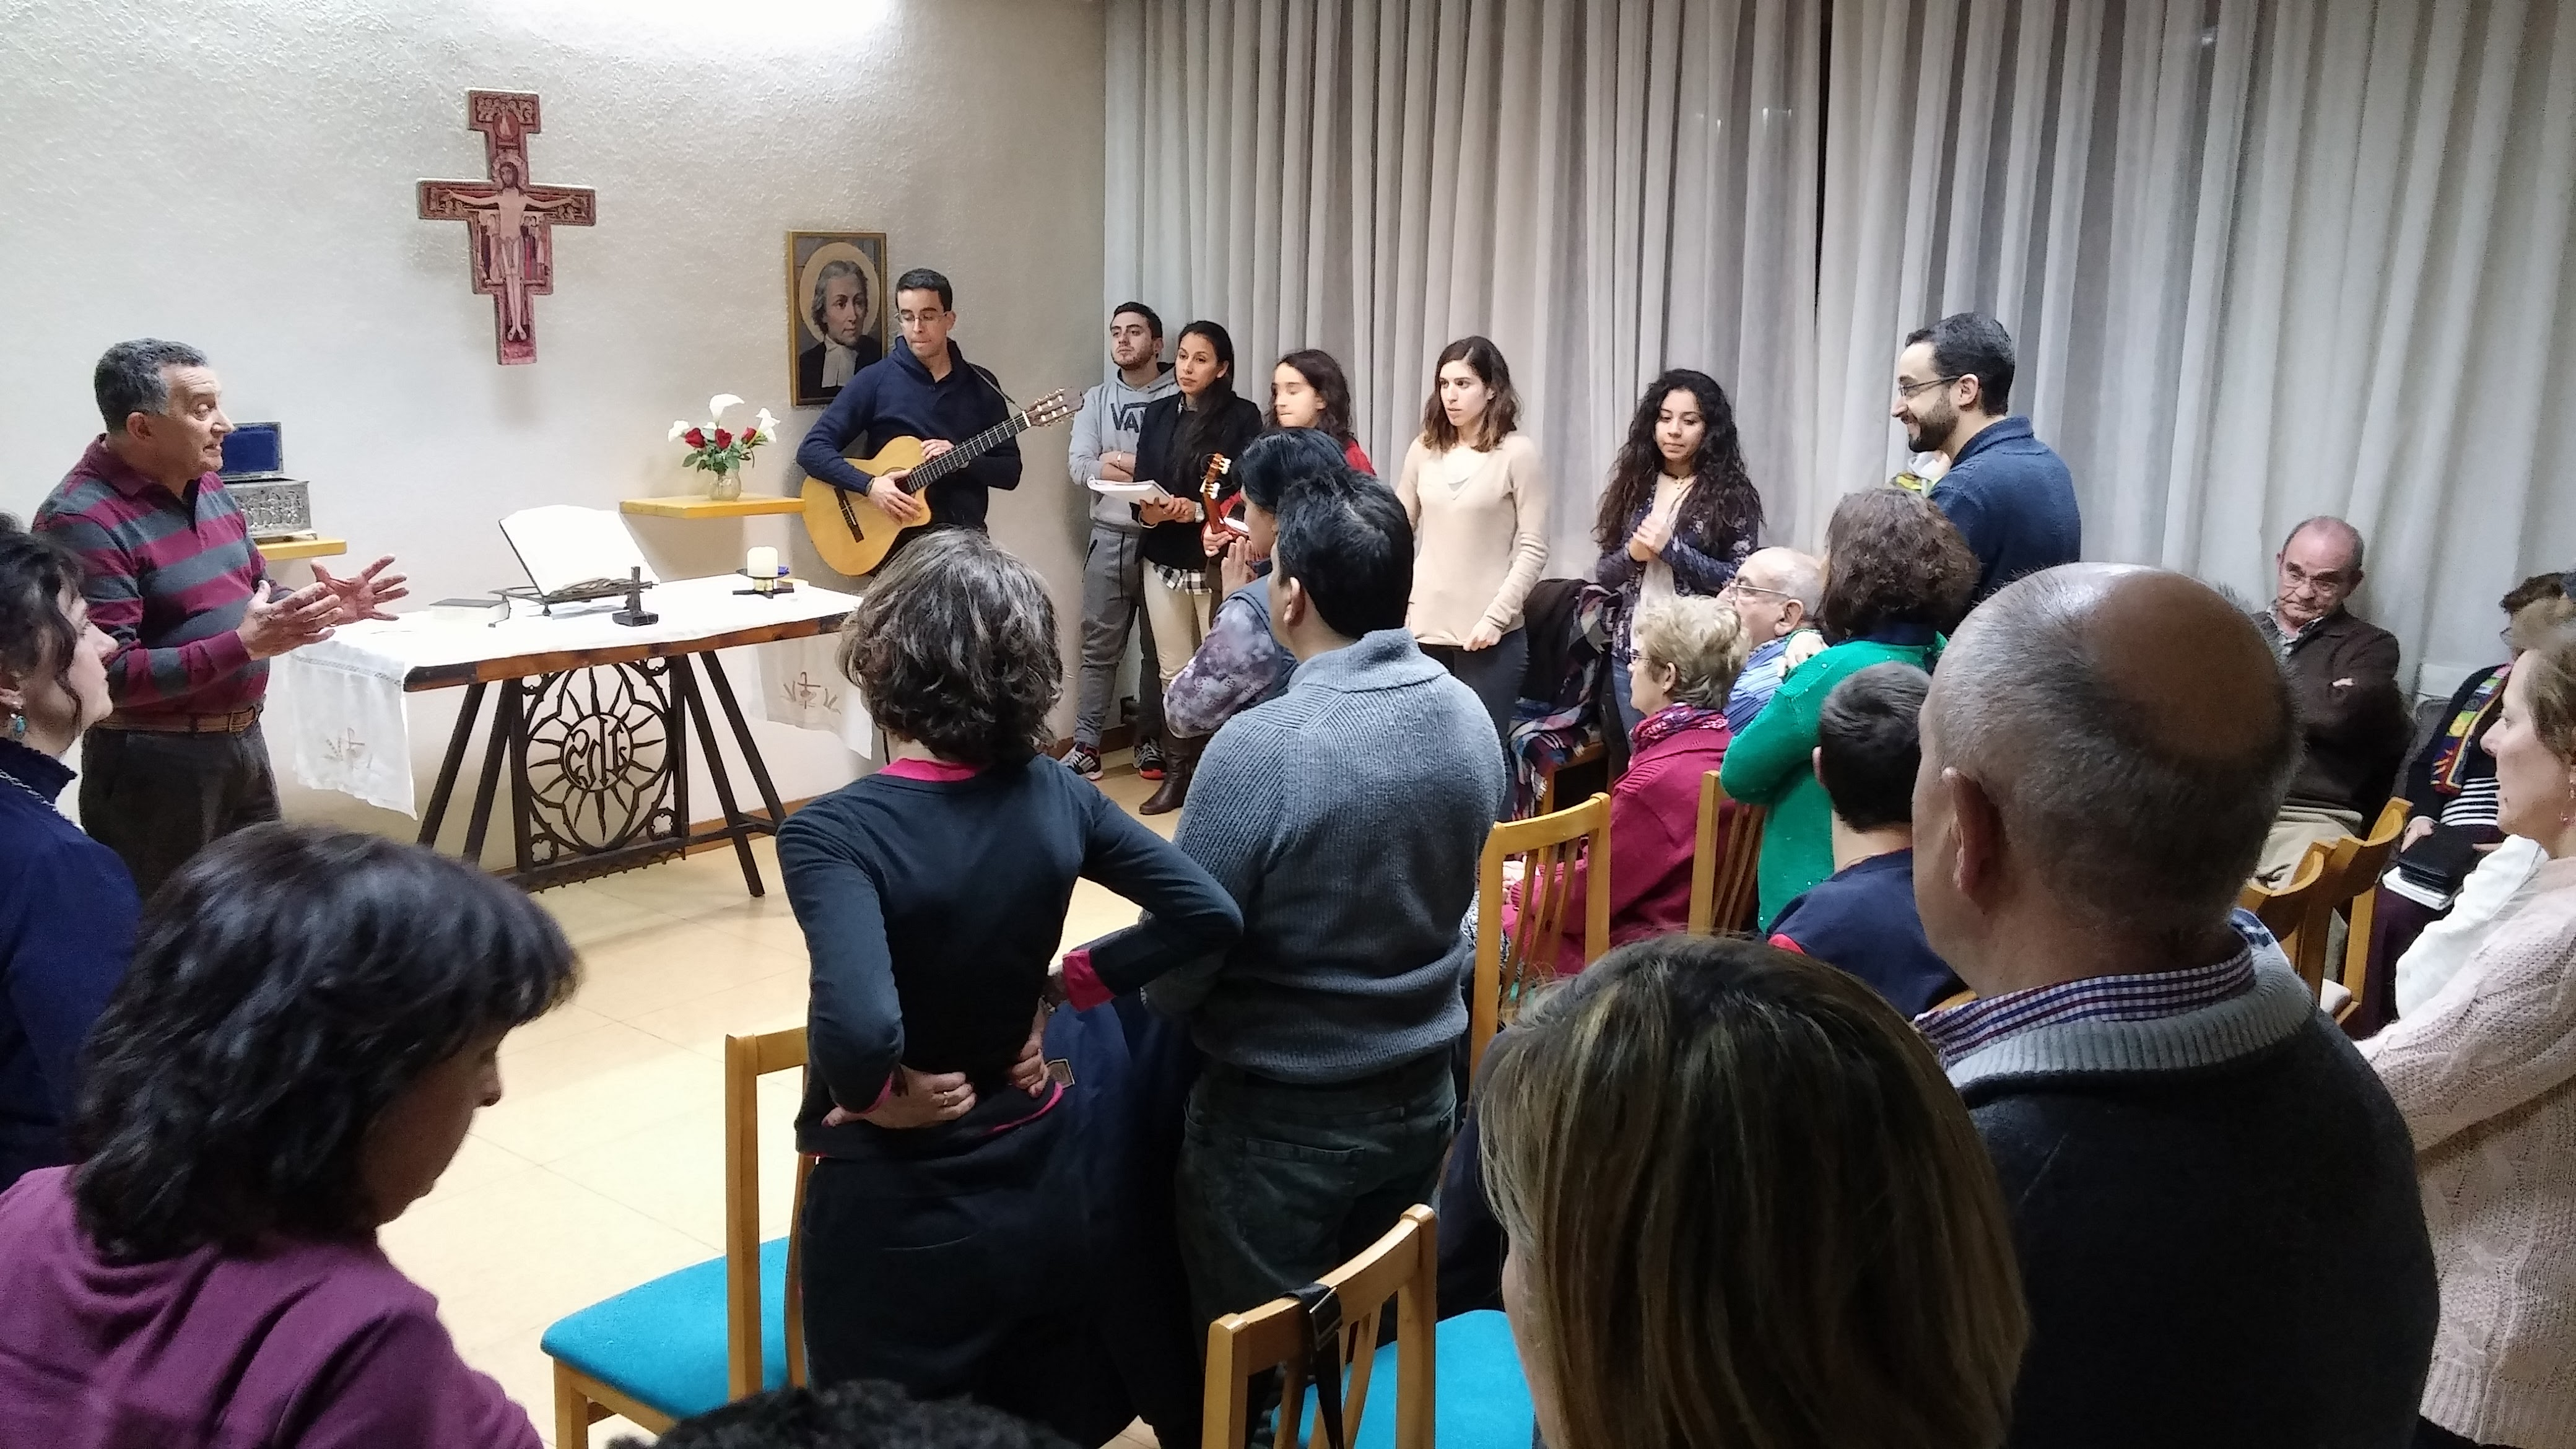 2016.02.27y28 - Retiro de Mística (7 PIEDRAS) (29).jpg